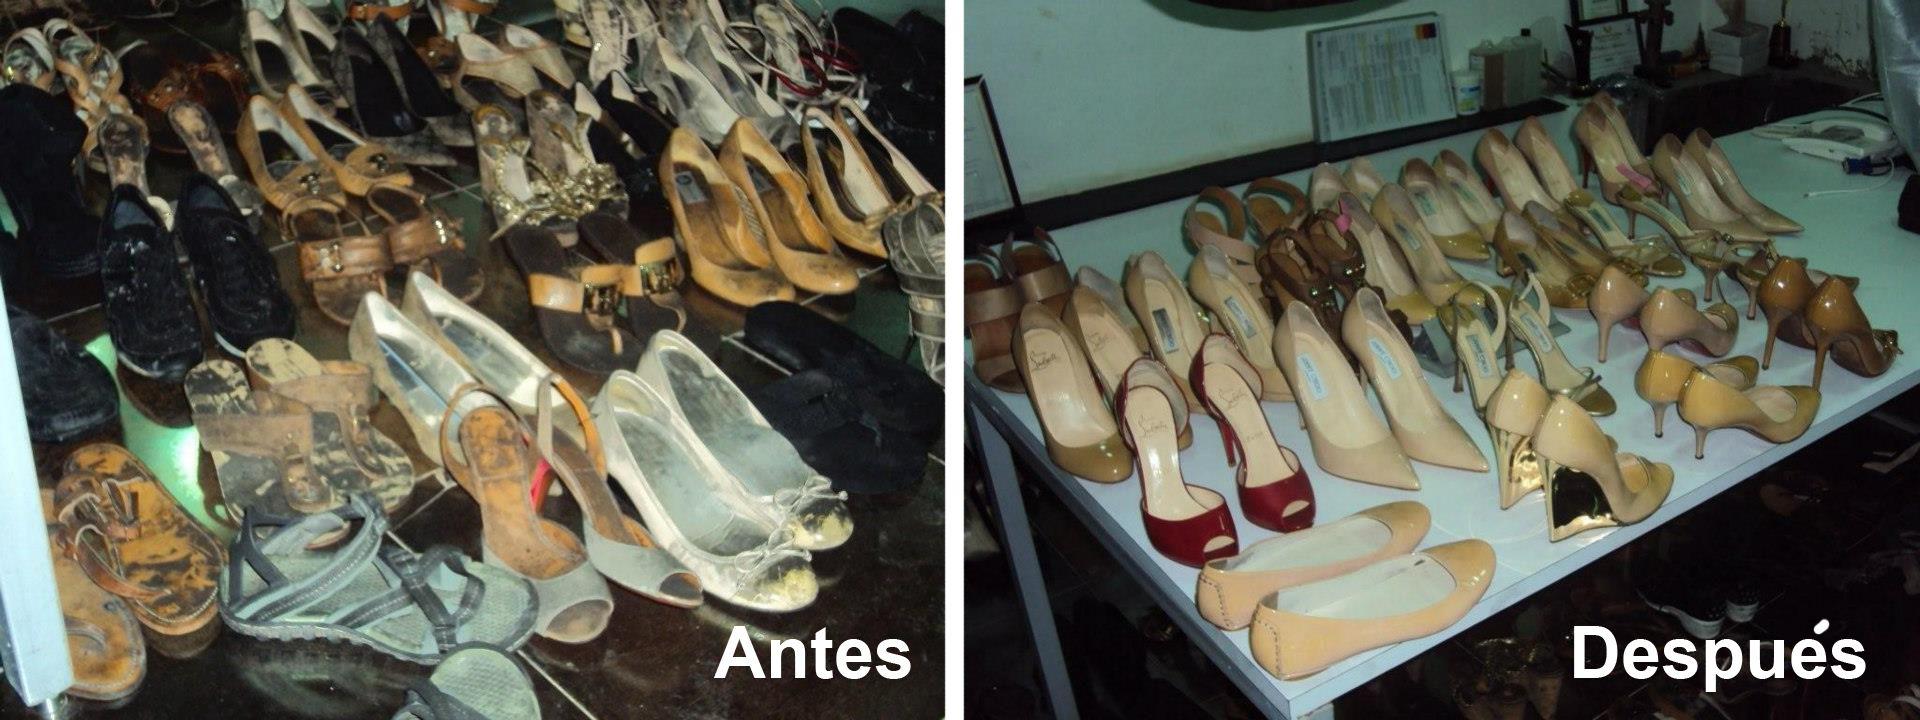 Press Shoes. Un servicio de tintorerías Pressto especializado en el cuidado del calzado. En esta ocasión se trata de un trabajo trabajo realizado en Pressto India (allí se denomina Pressto Zapato).   Han tratado 168 pares de zapatos después de un incendio en casa de una clienta. Los zapatos han sido restaurados, limpiados a fondo y teñidos y el resultado es ¡increíble!